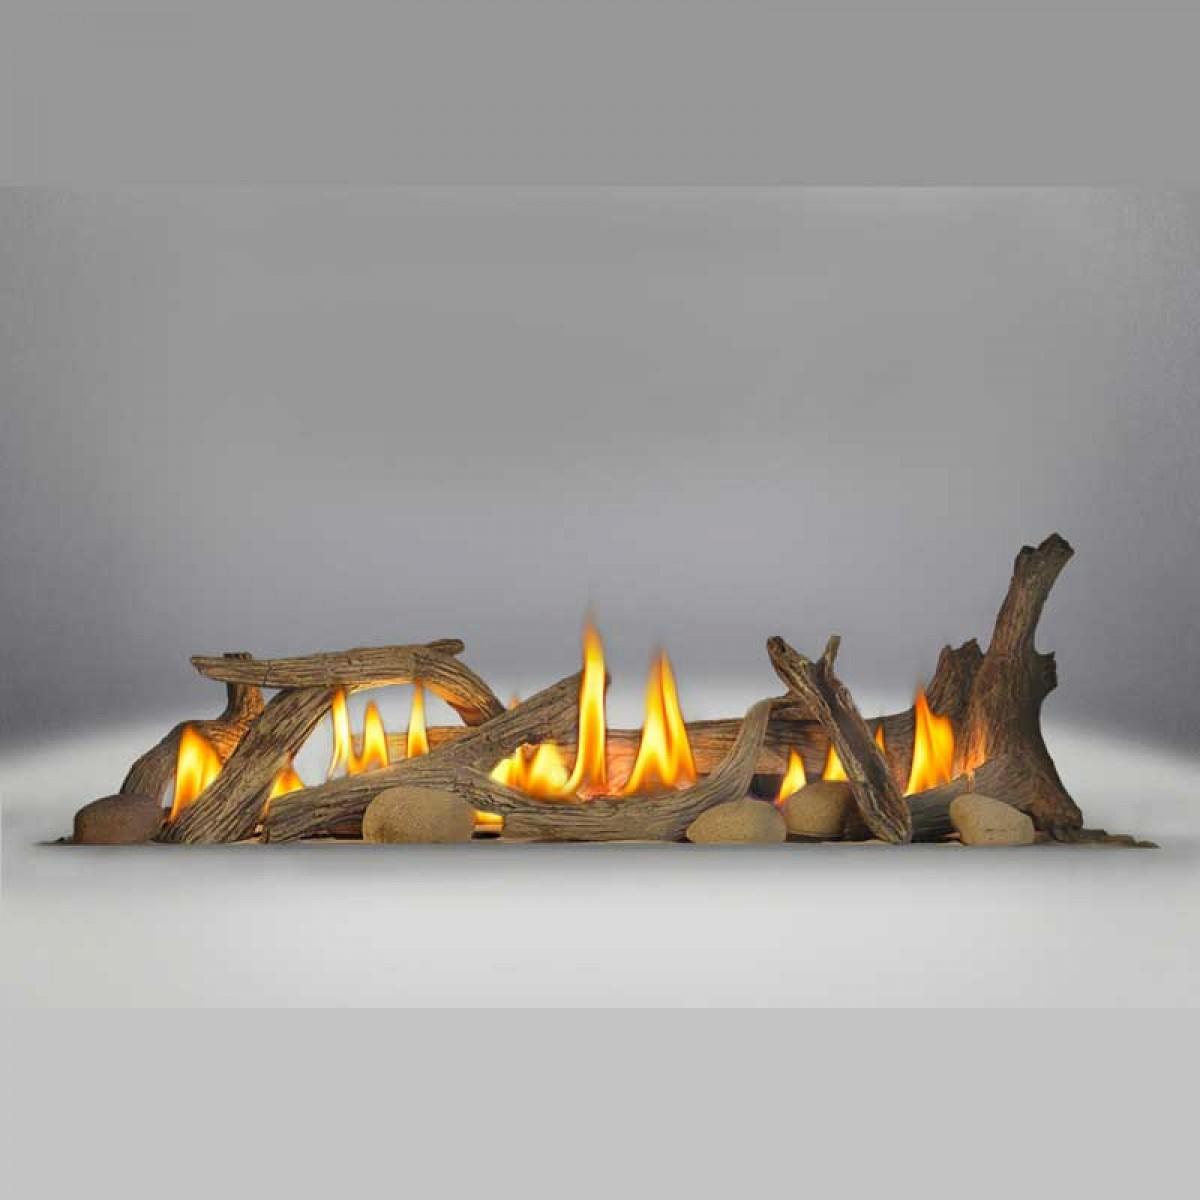 napoleon dl45 driftwood log set includes log set u0026 6 river rocks